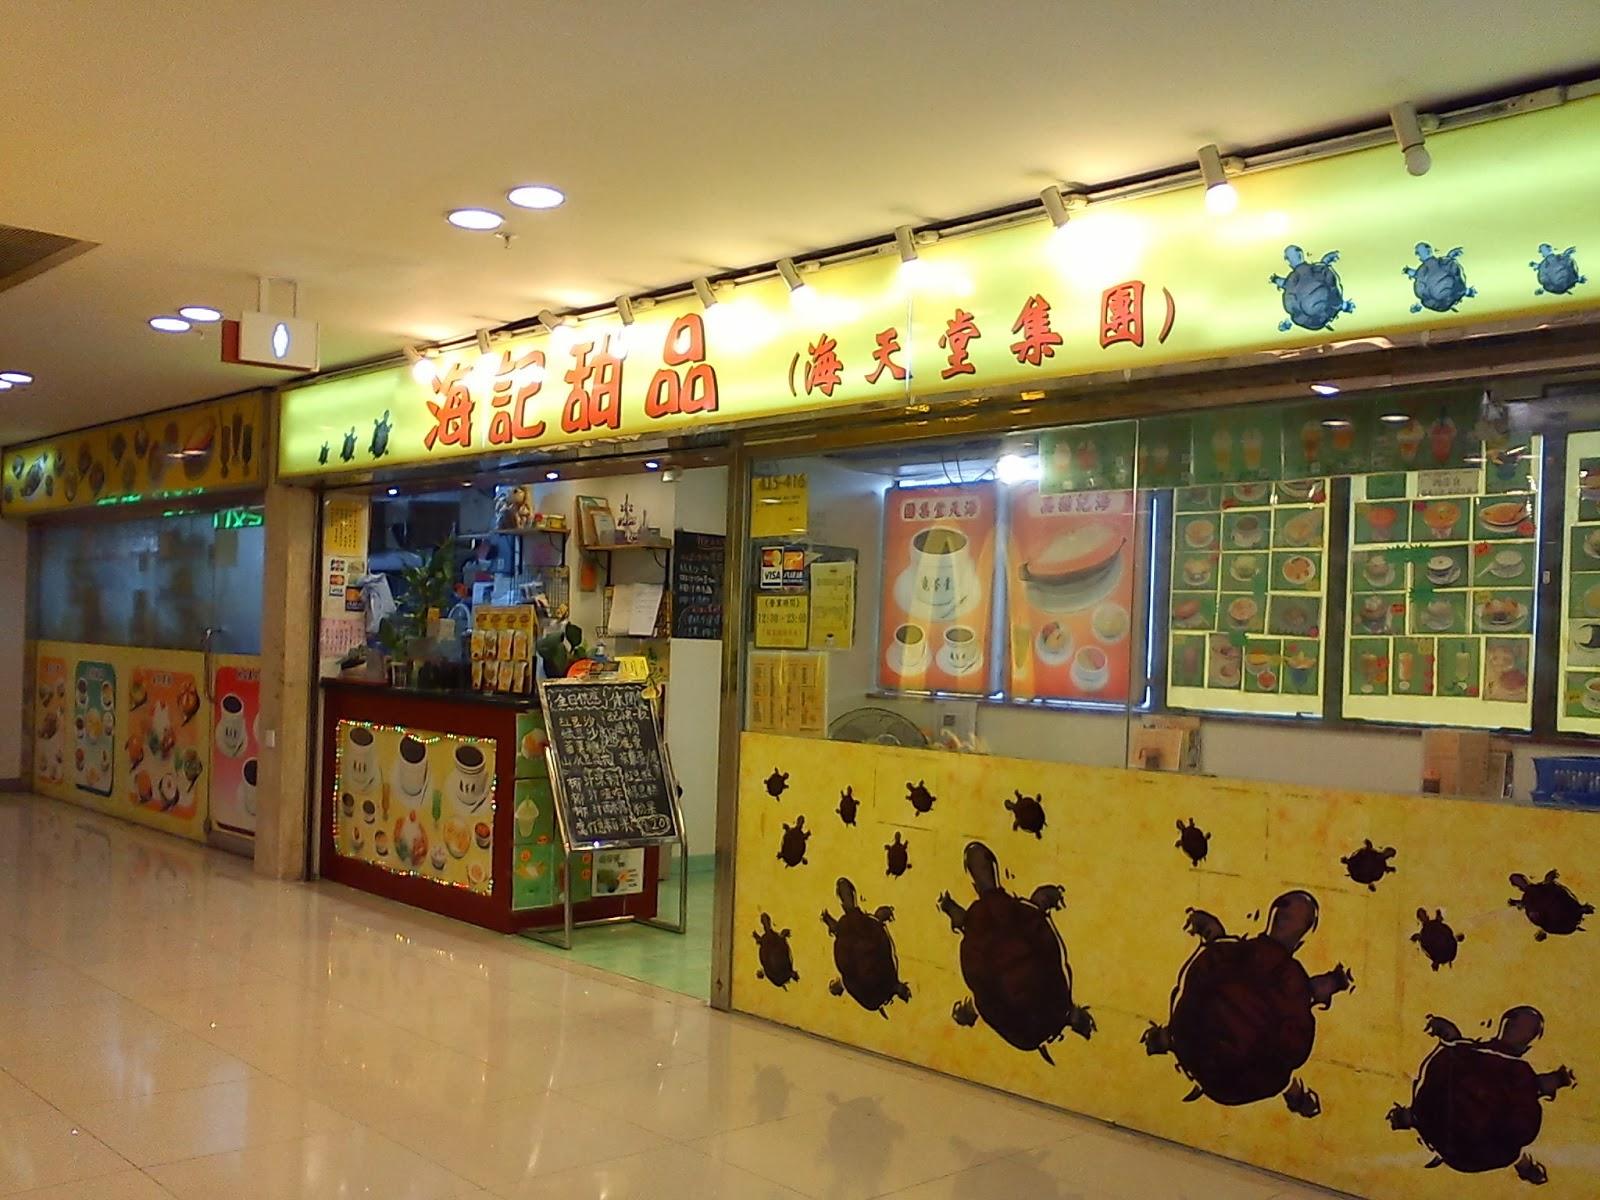 Grassroots O2: 巡視業務.領匯.長發廣場 @2011-12-31